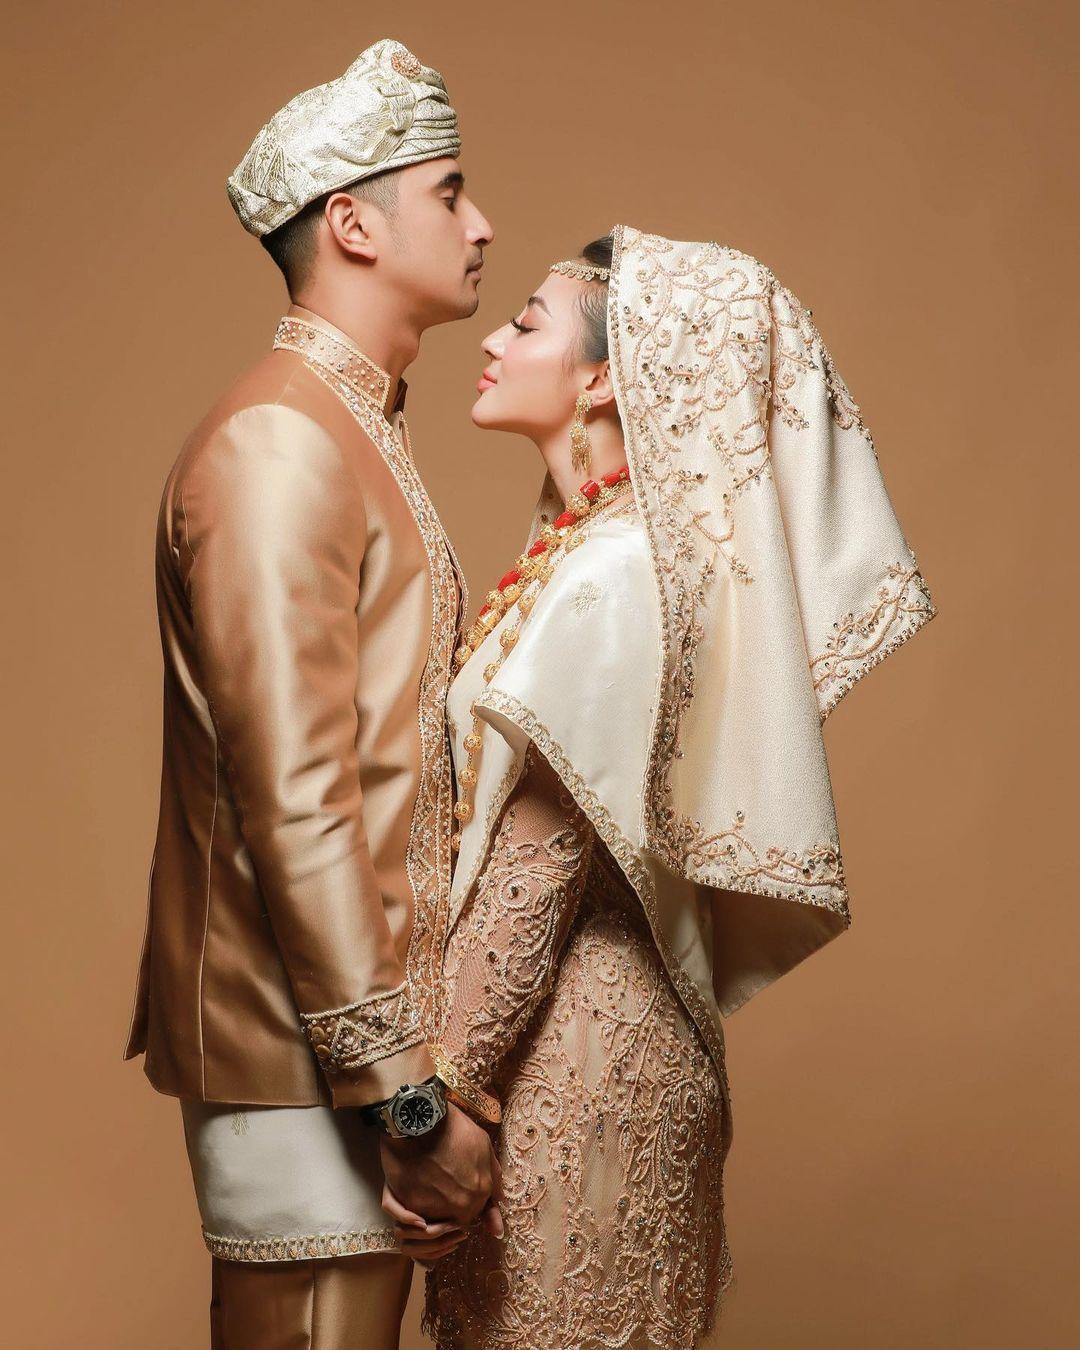 Gaya Pre-Wedding Ali Syakieb dan Margin Wieheerm